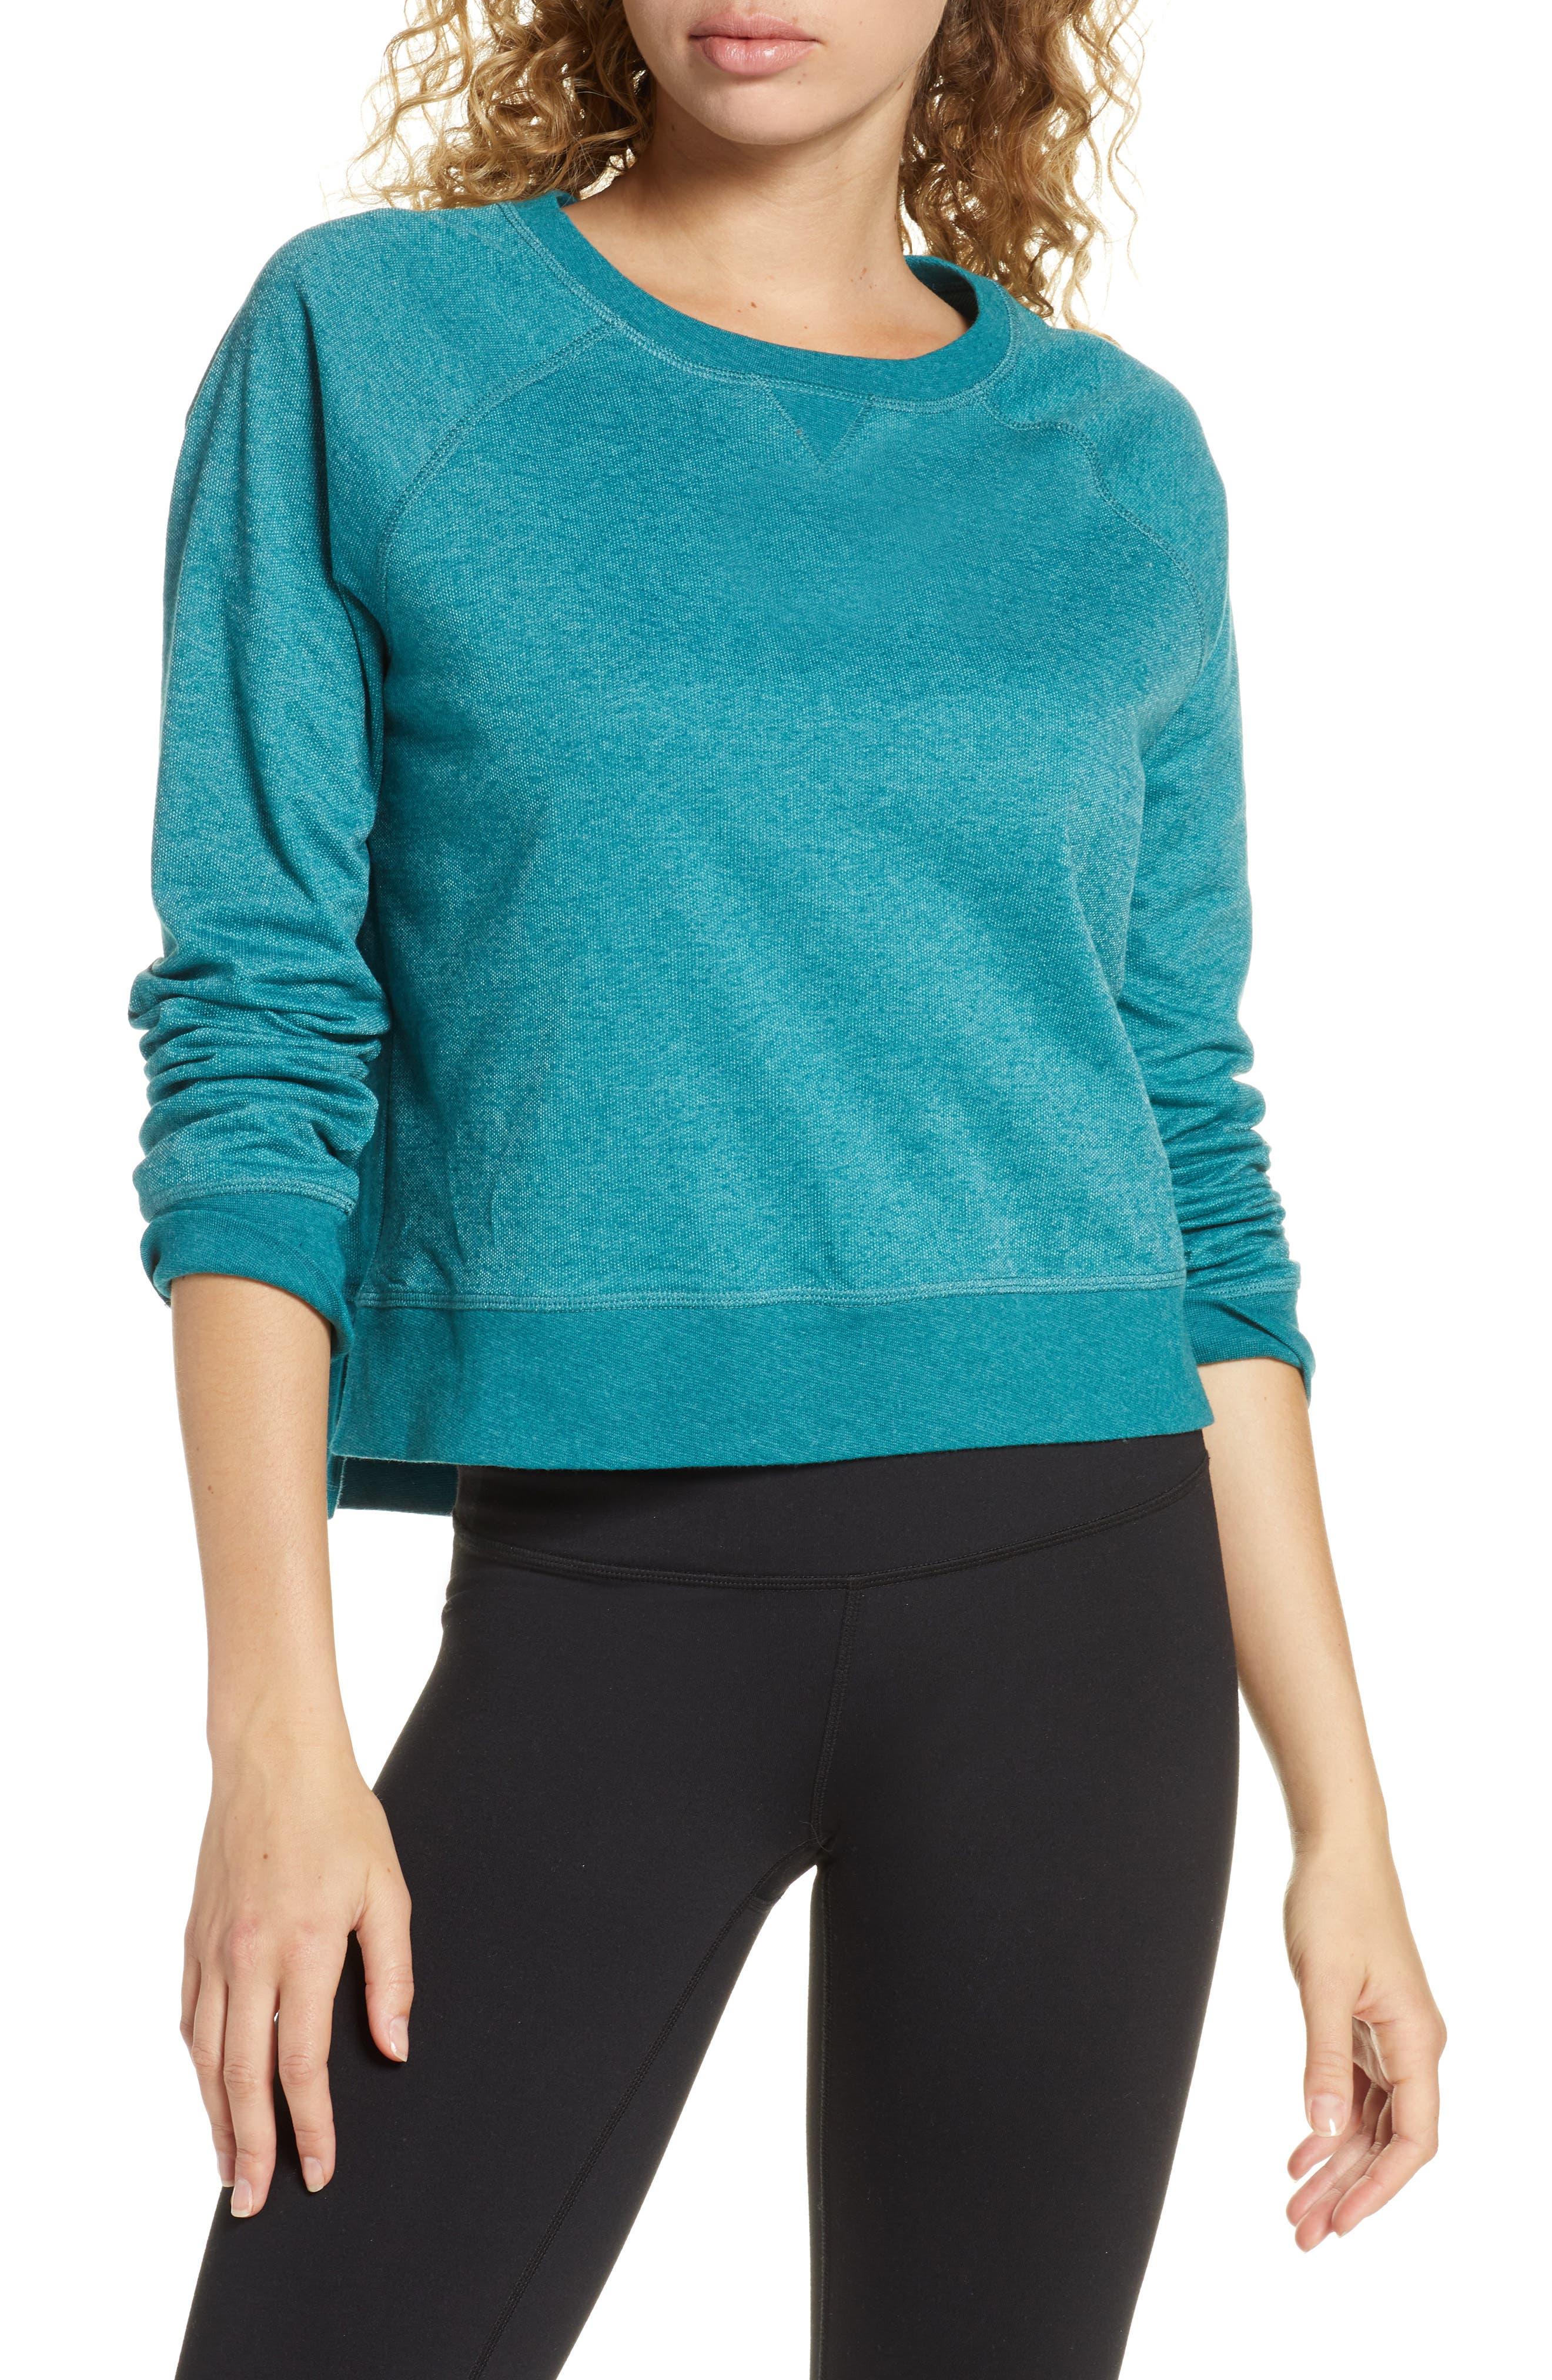 Sweaty Betty Chelsea Crop Sweatshirt